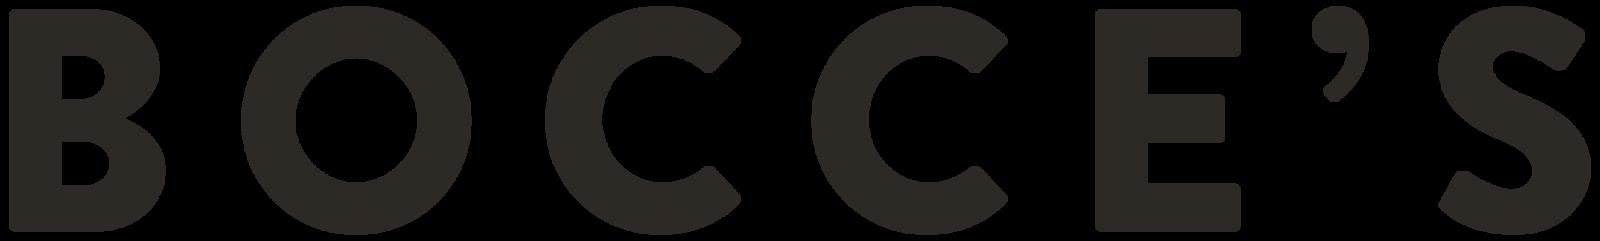 Bocce's Bakery Logo